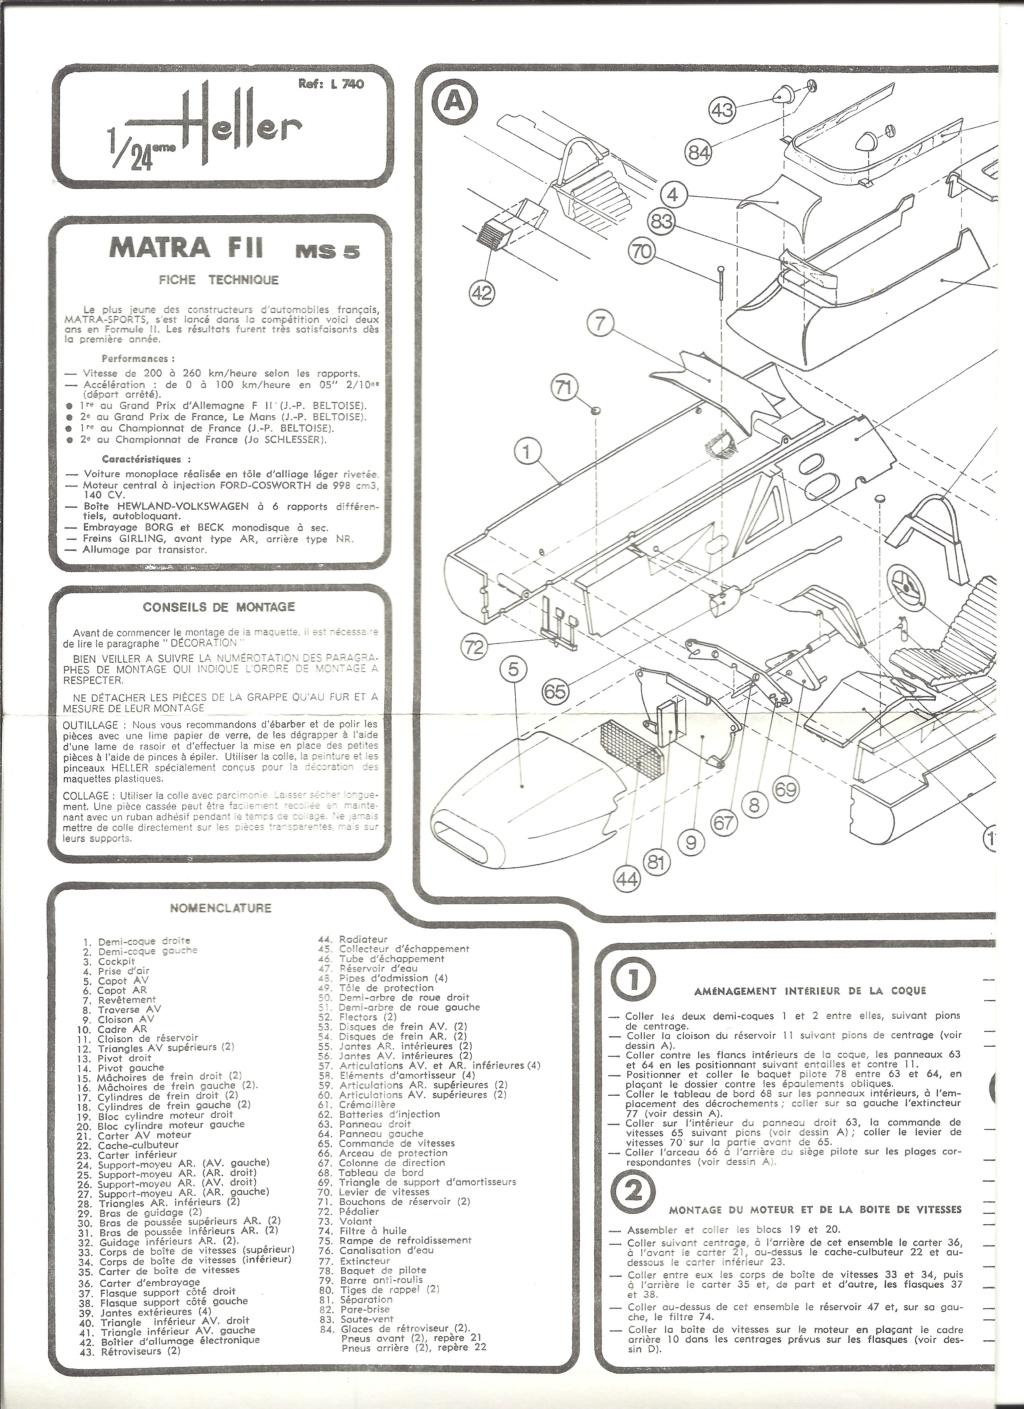 MATRA COSWORTH Formule II 1/24ème  Réf L740 Notice Helle189